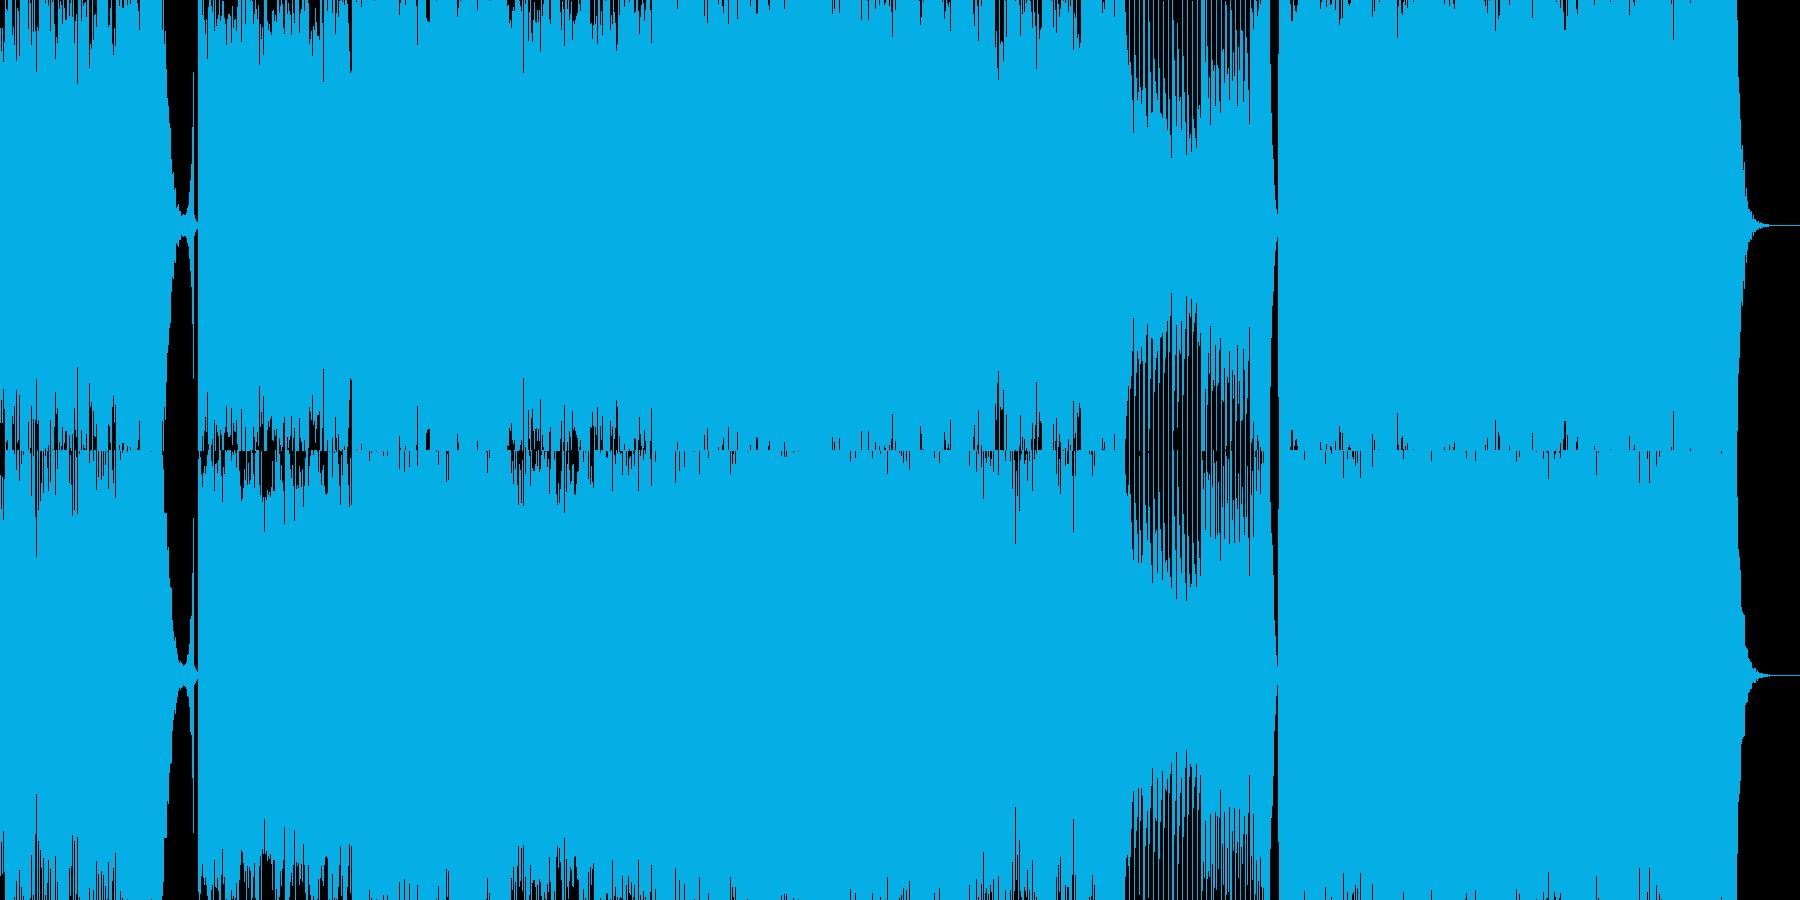 結婚行進曲(メンデルスゾーン)テクノの再生済みの波形